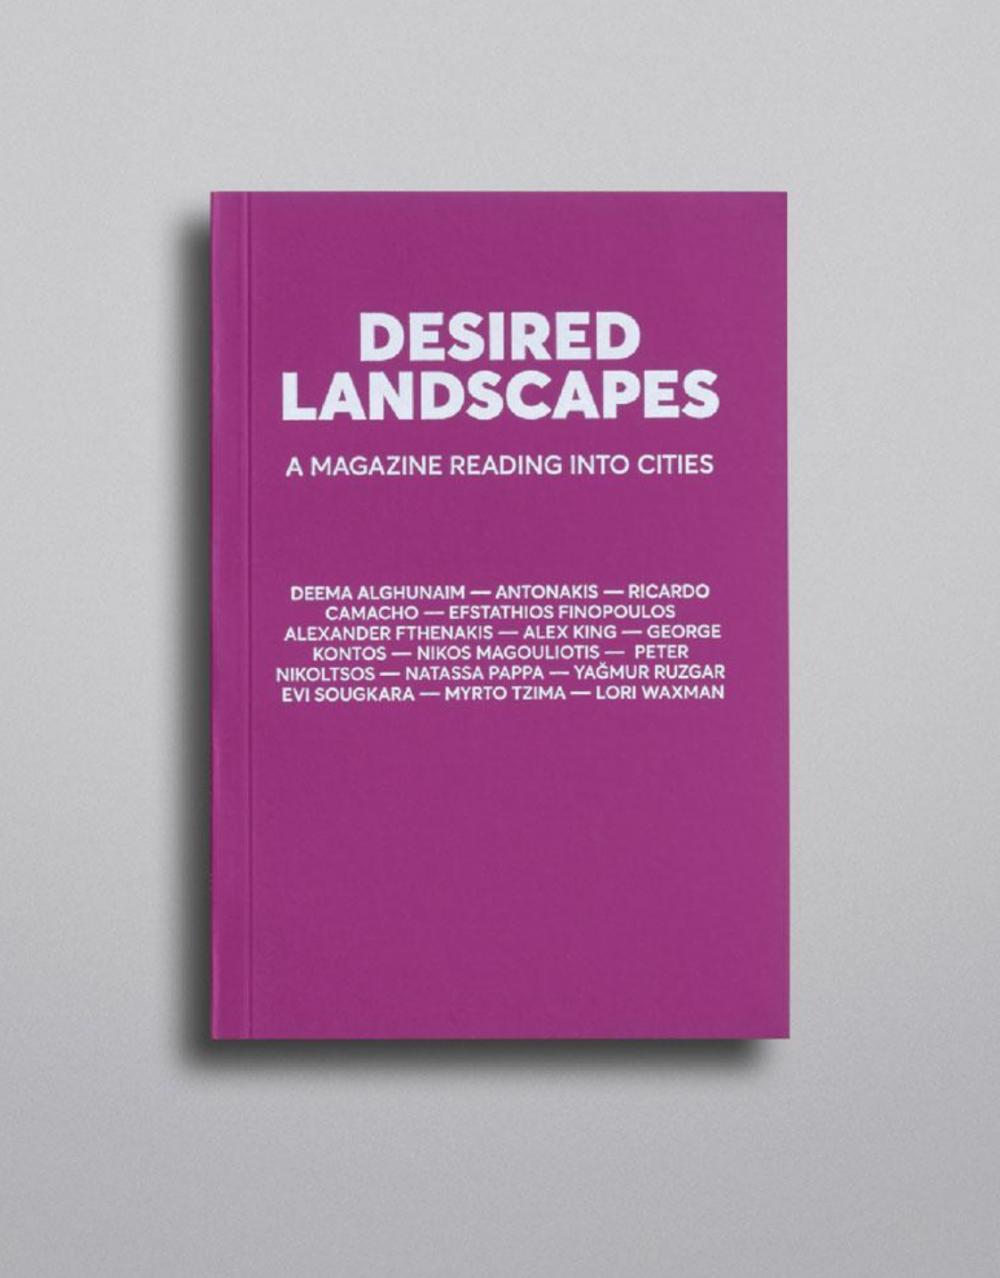 Desired Landscapes